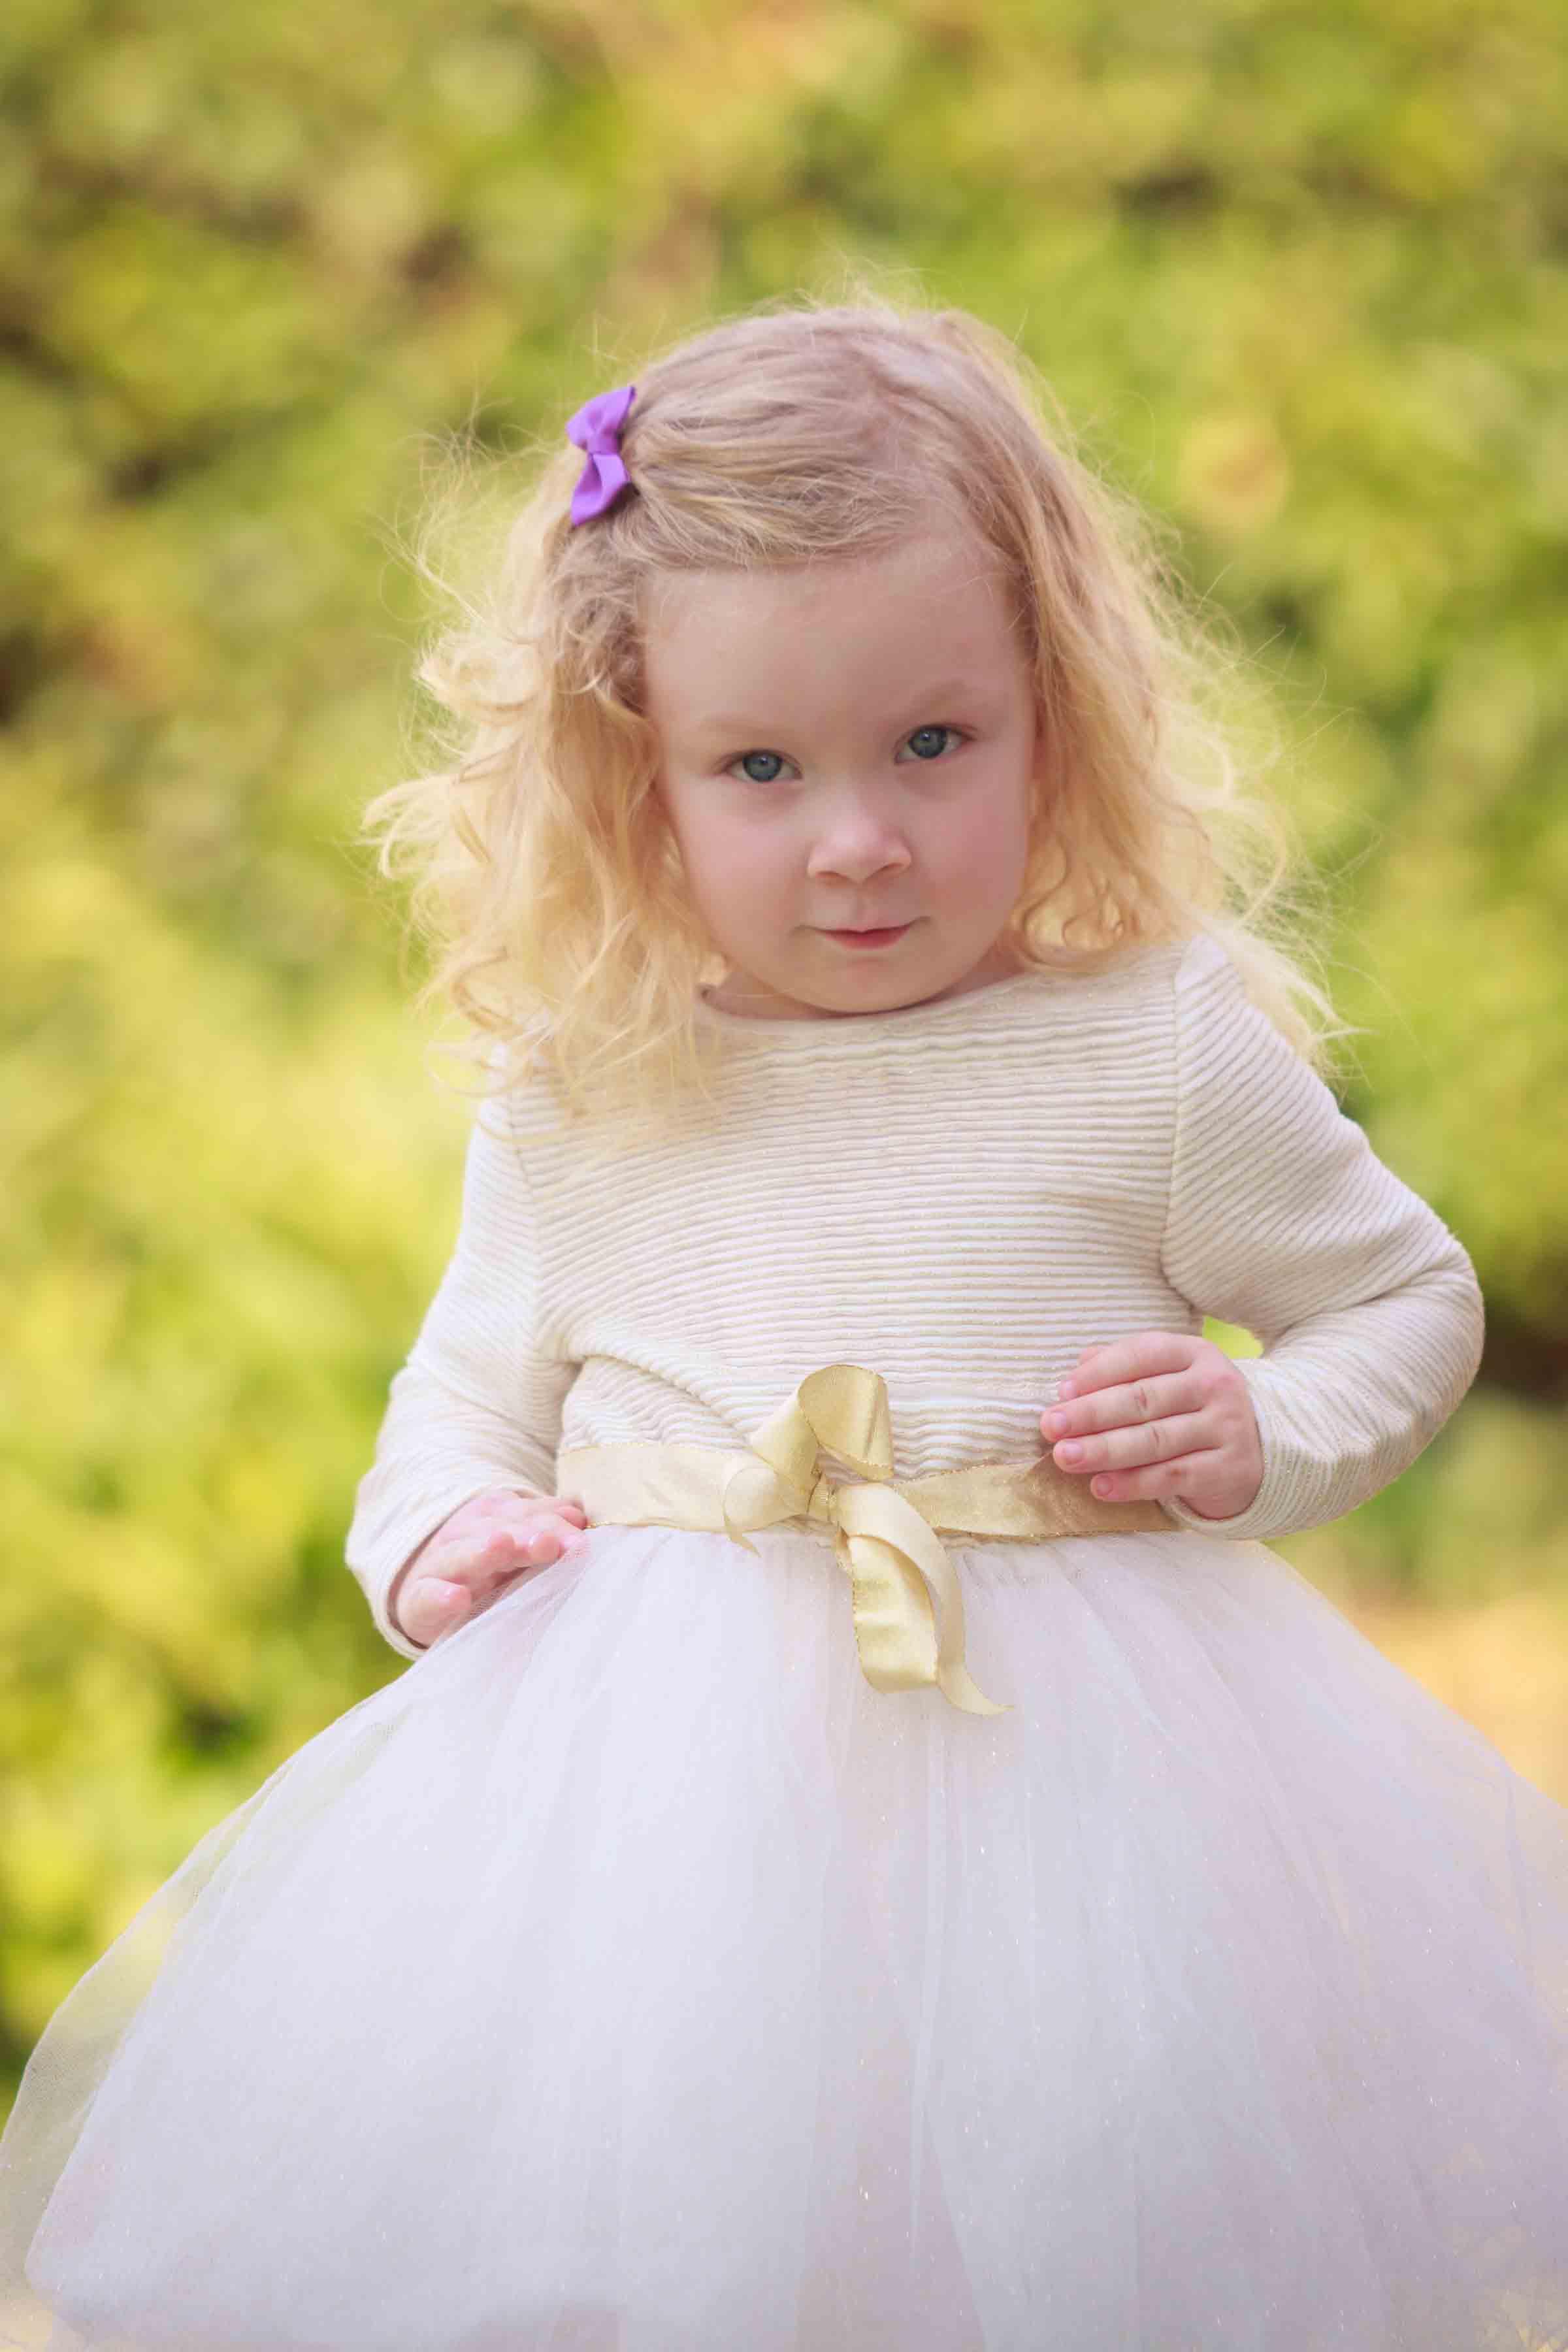 Babyshooting und Familienportraits mit Glücksfaktor und Sommerfeeling IMG 4211w